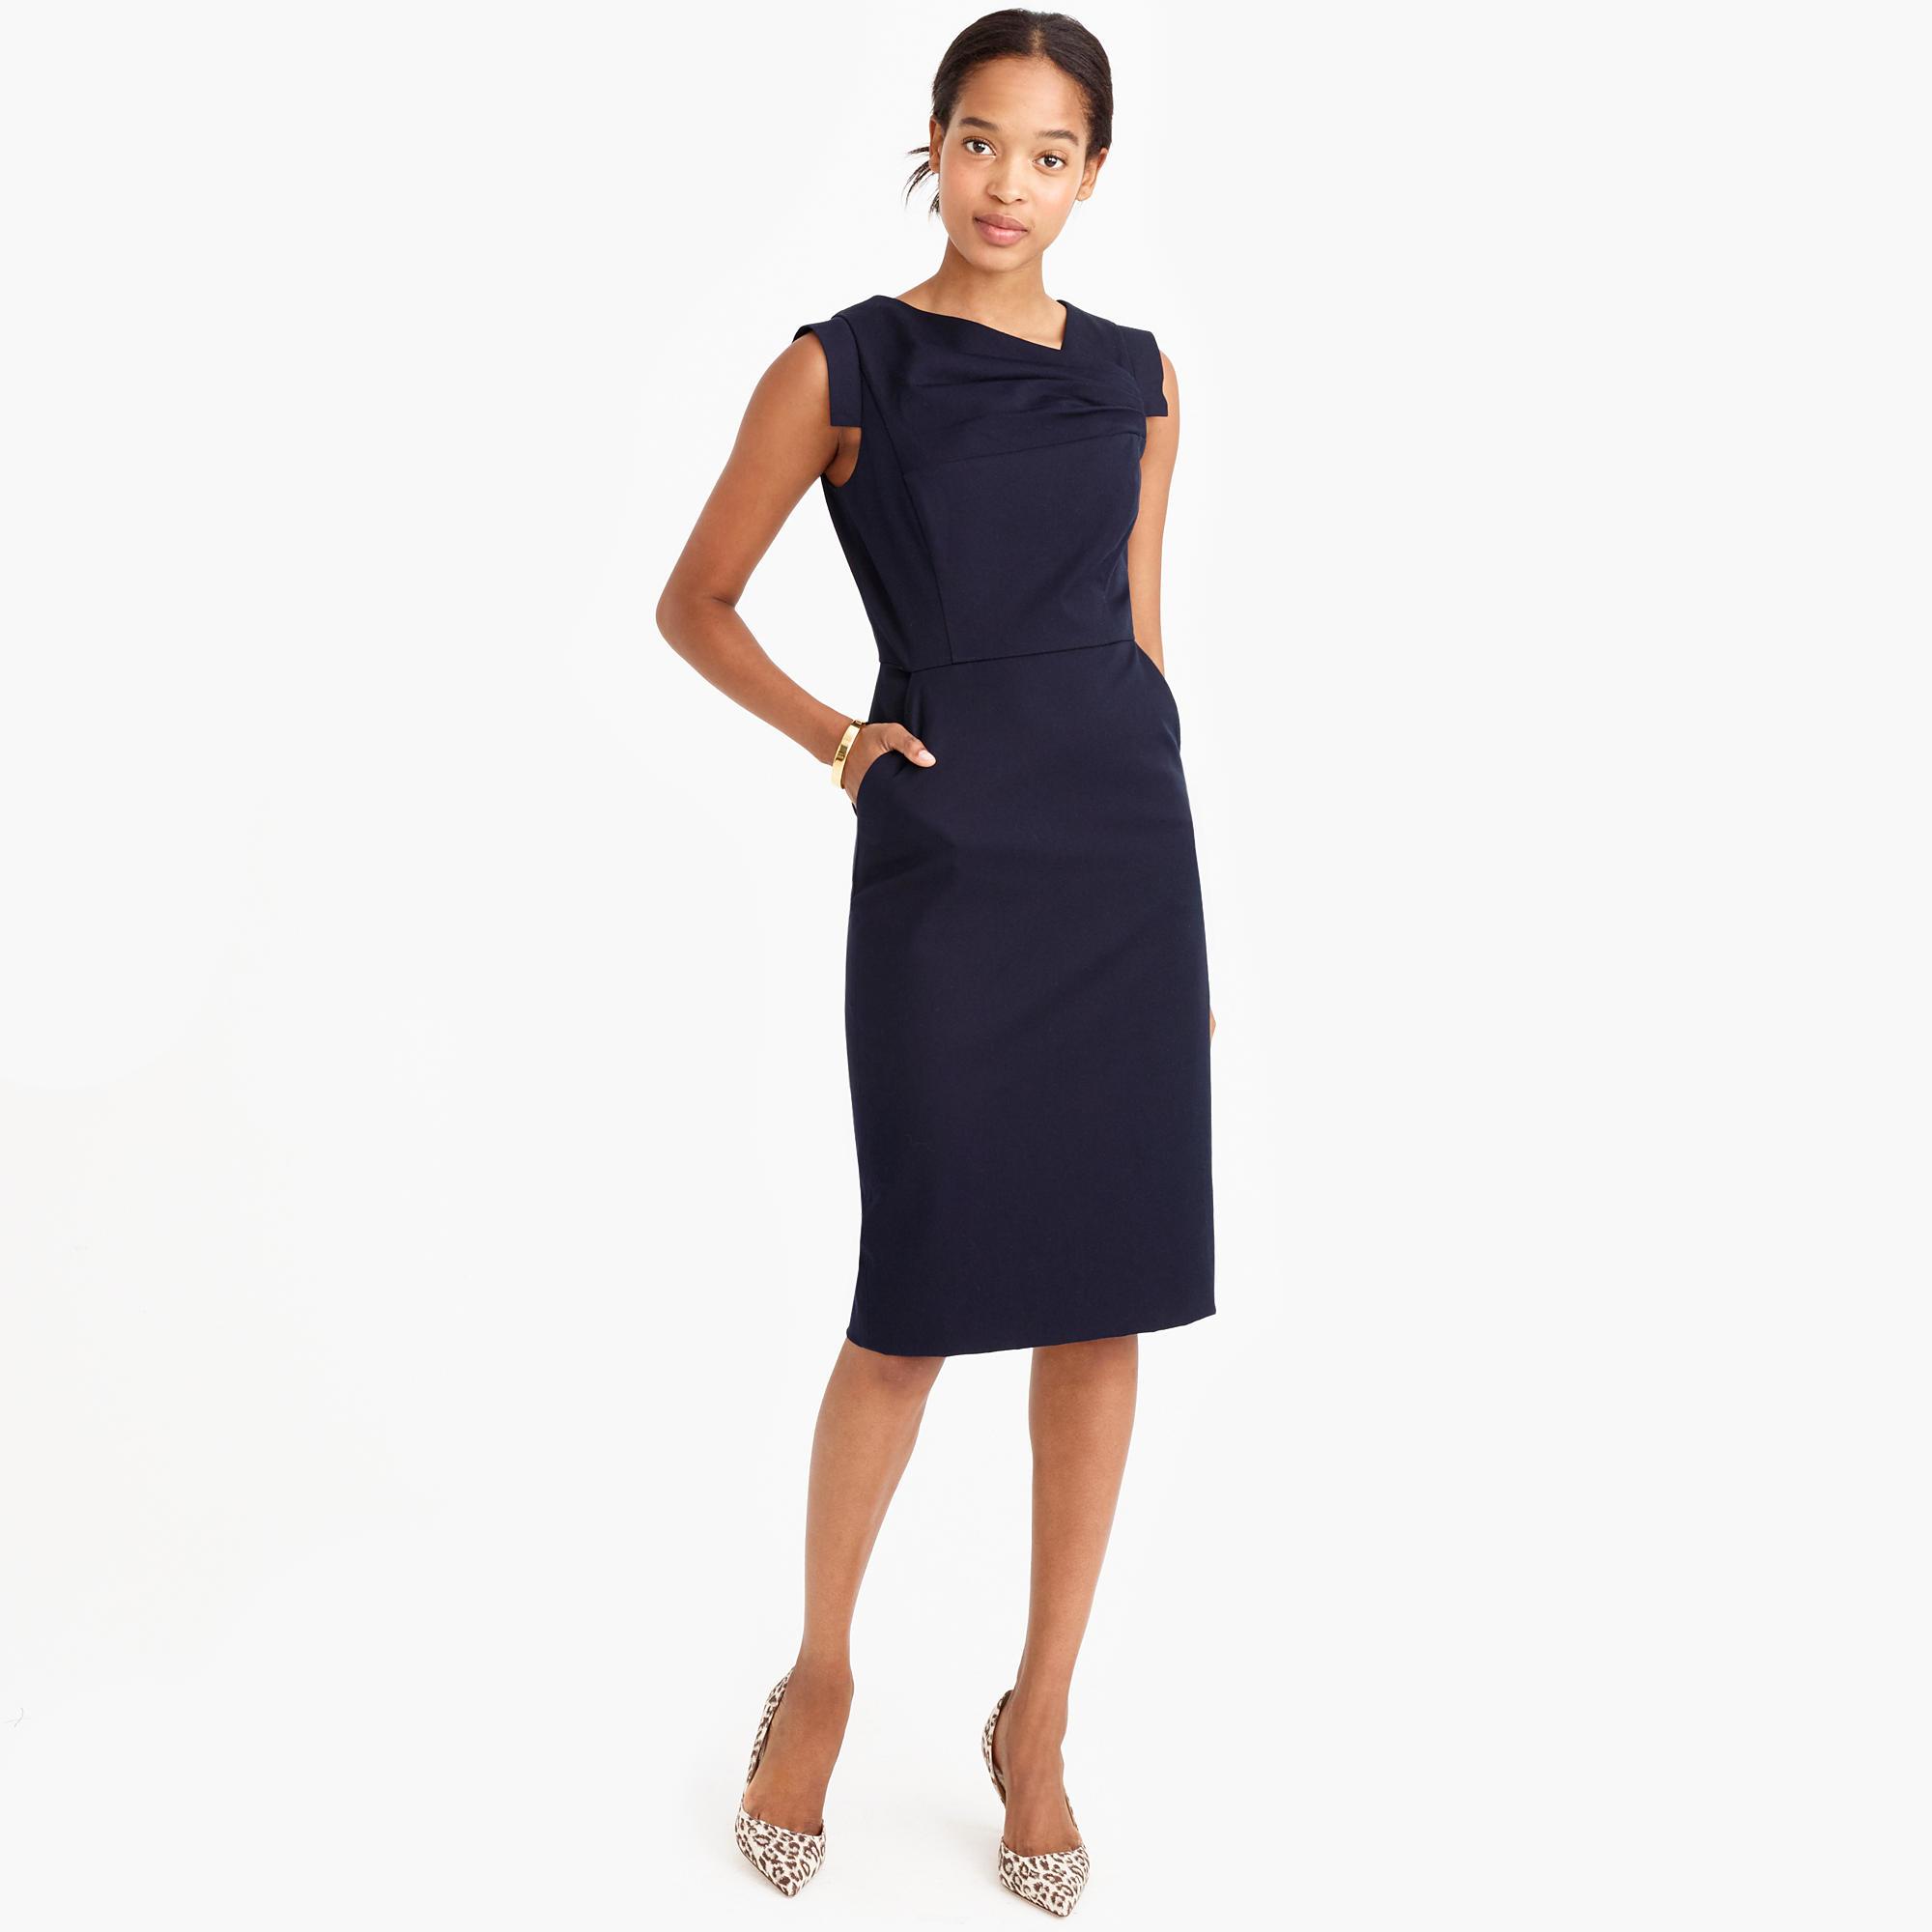 JCrew Promotion Dress in Black  Lyst